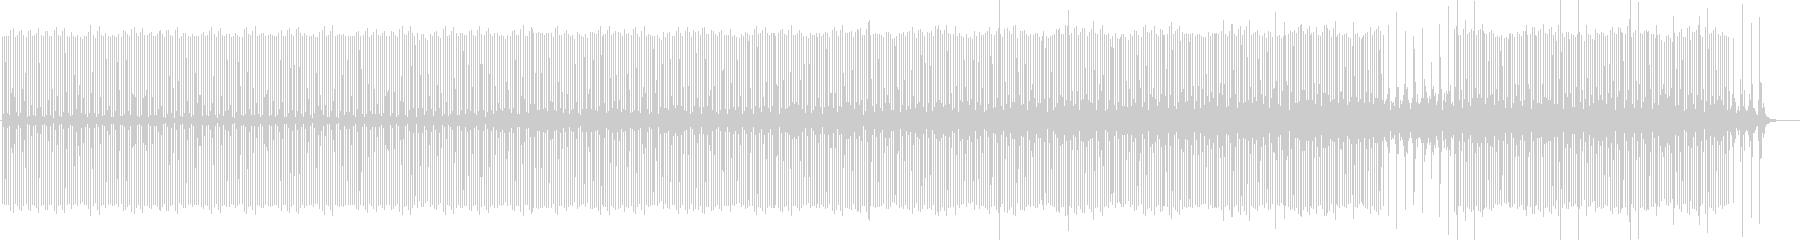 北欧系ミニマルダブテクノの未再生の波形